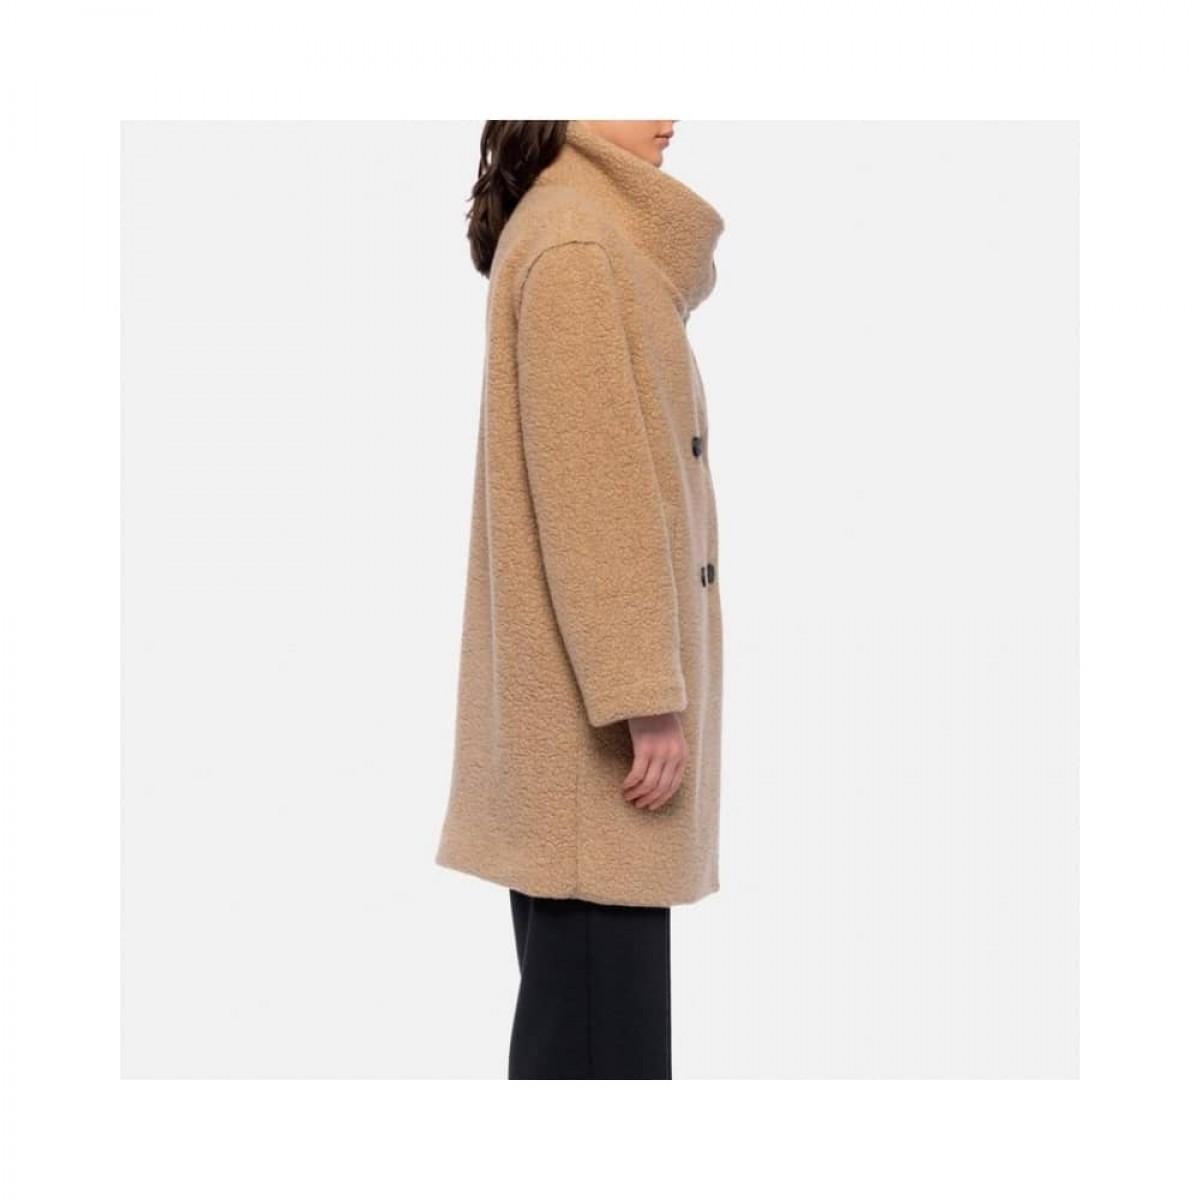 funnel collar coat bouclé - tan - model fra siden